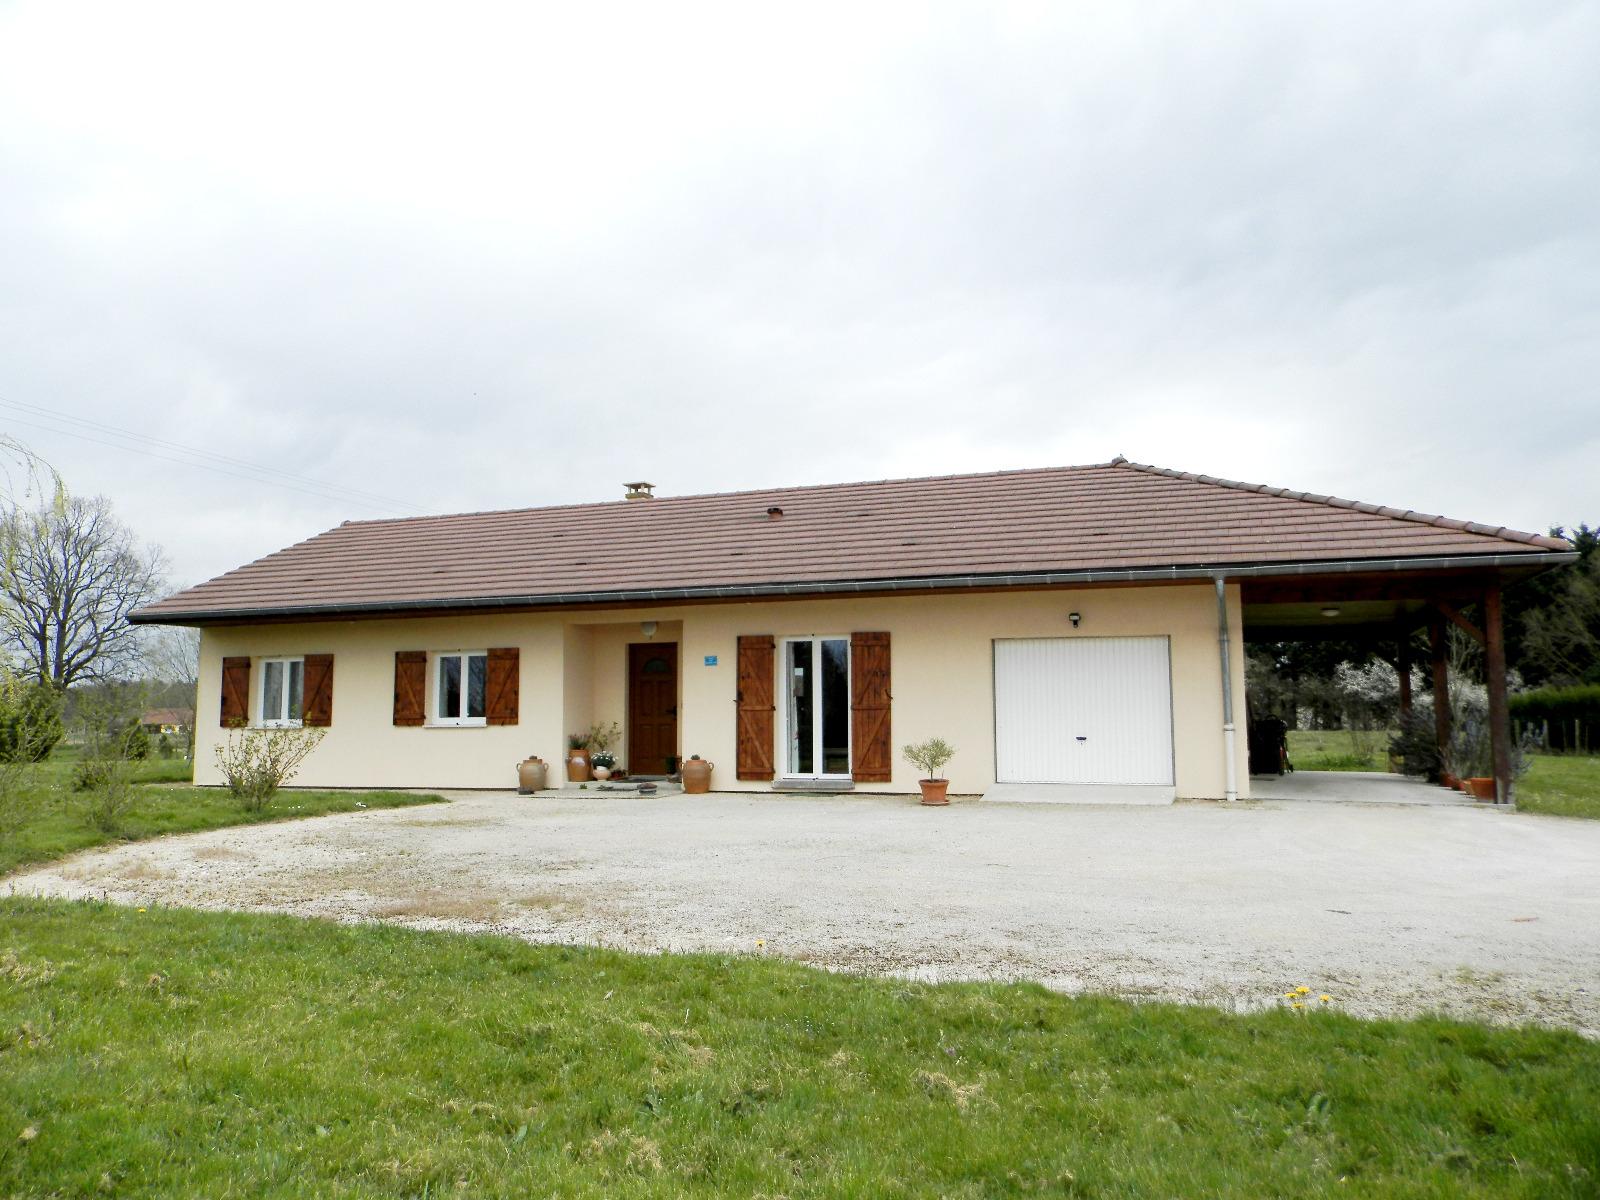 Vente louhans 71500 maison de plain pied 2009 106 m for Achat maison plain pied